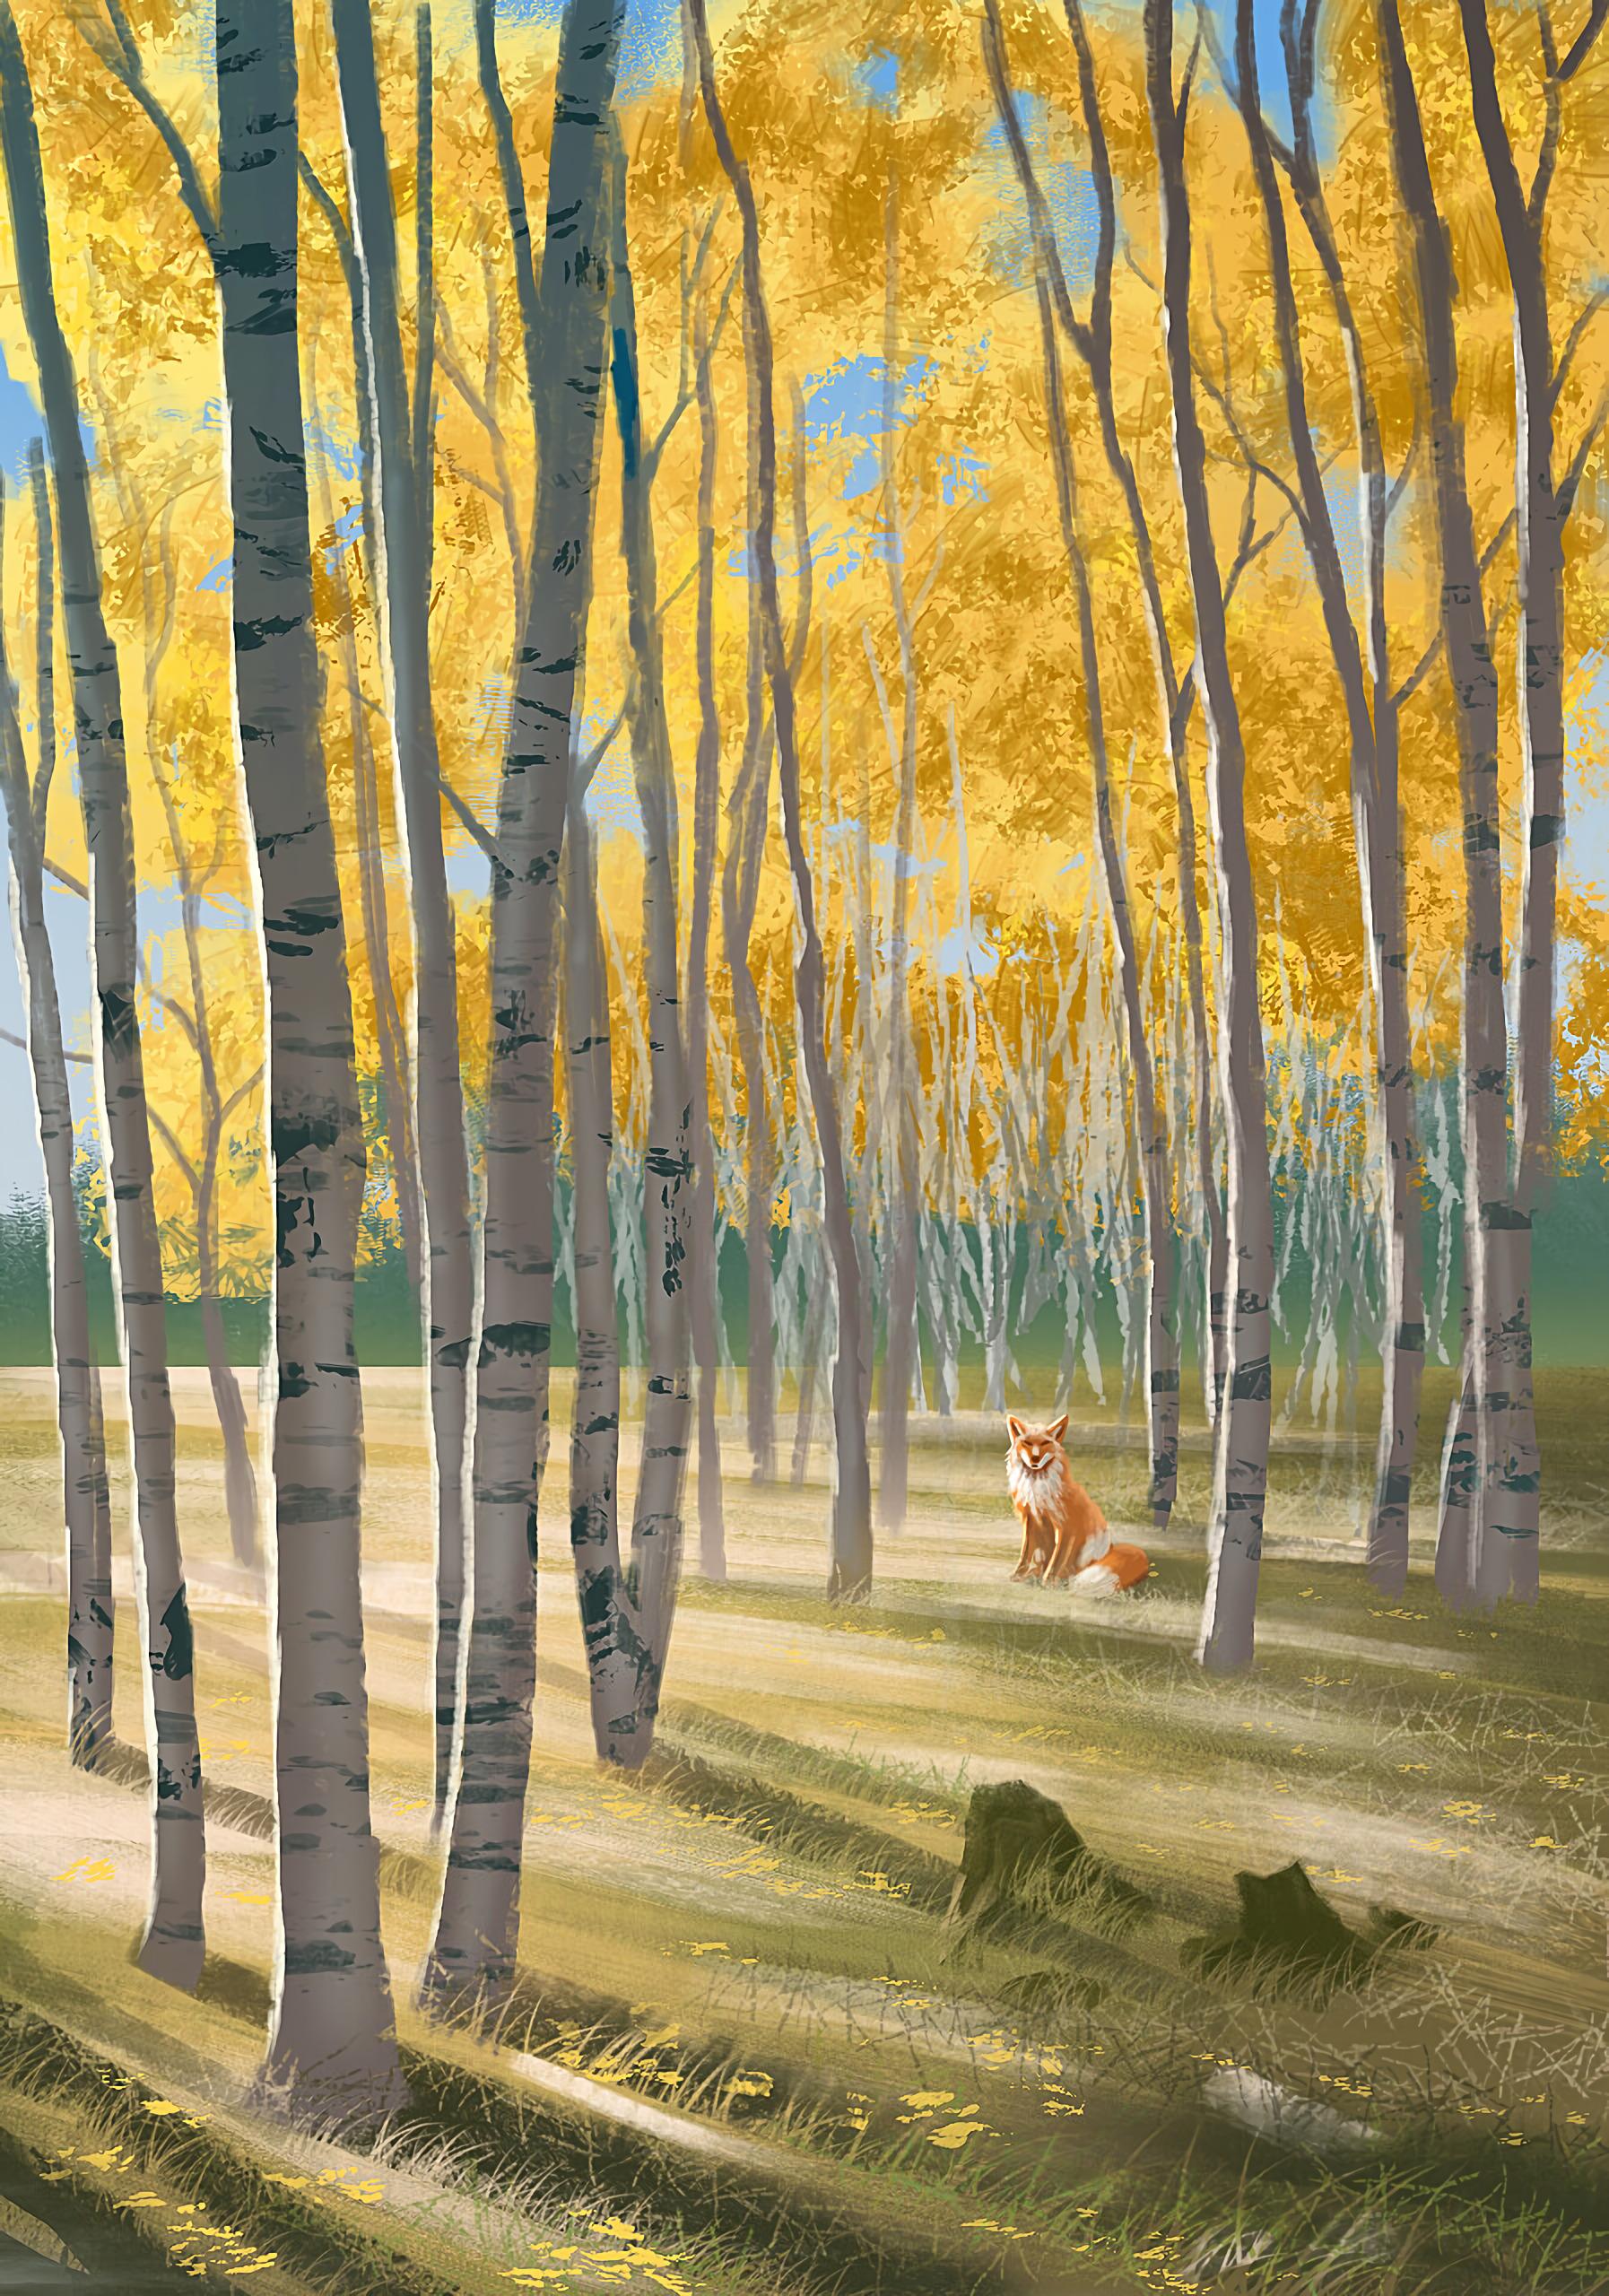 103599 скачать обои Лиса, Лес, Животное, Дикая Природа, Арт - заставки и картинки бесплатно